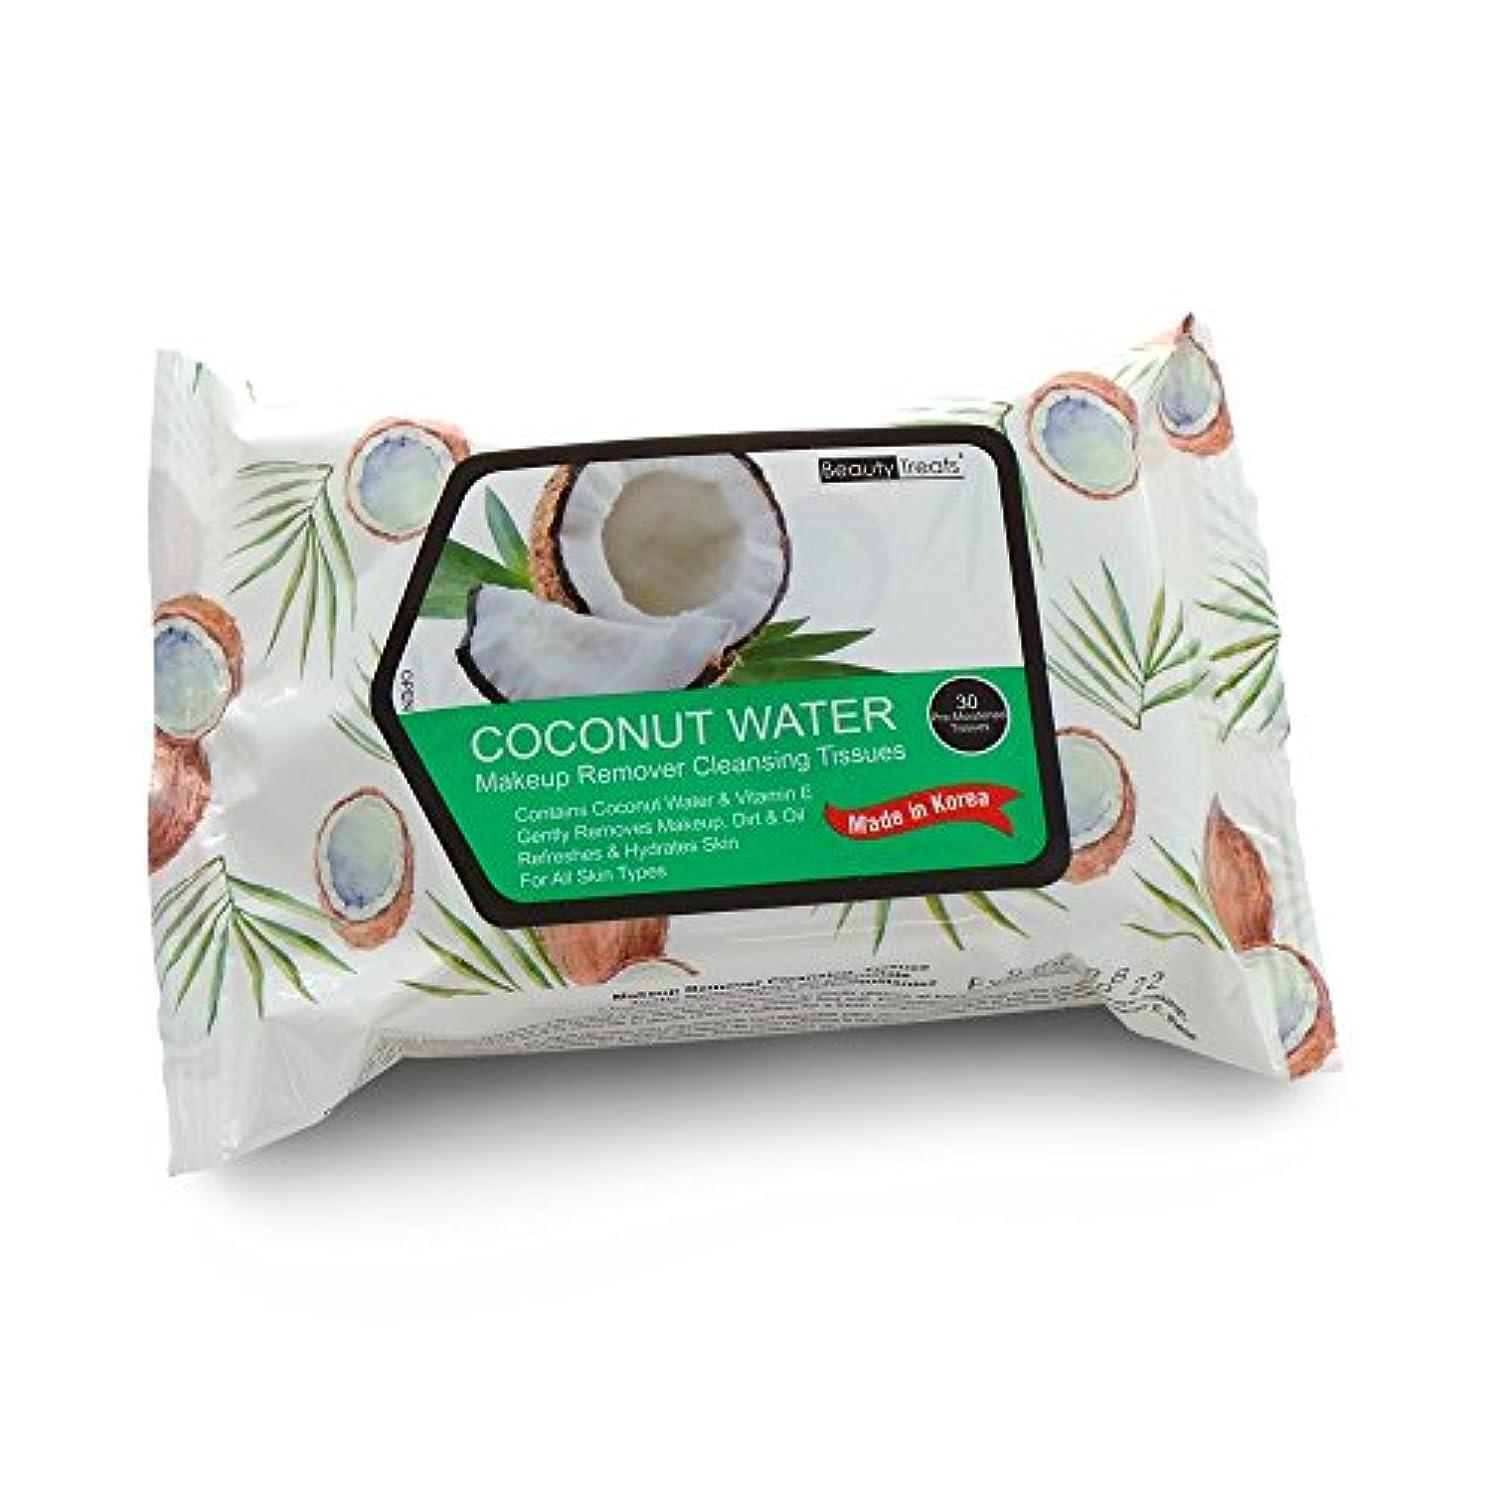 チャップ供給クラフト(3 Pack) BEAUTY TREATS Coconut Water Makeup Remover Cleaning Tissues (並行輸入品)